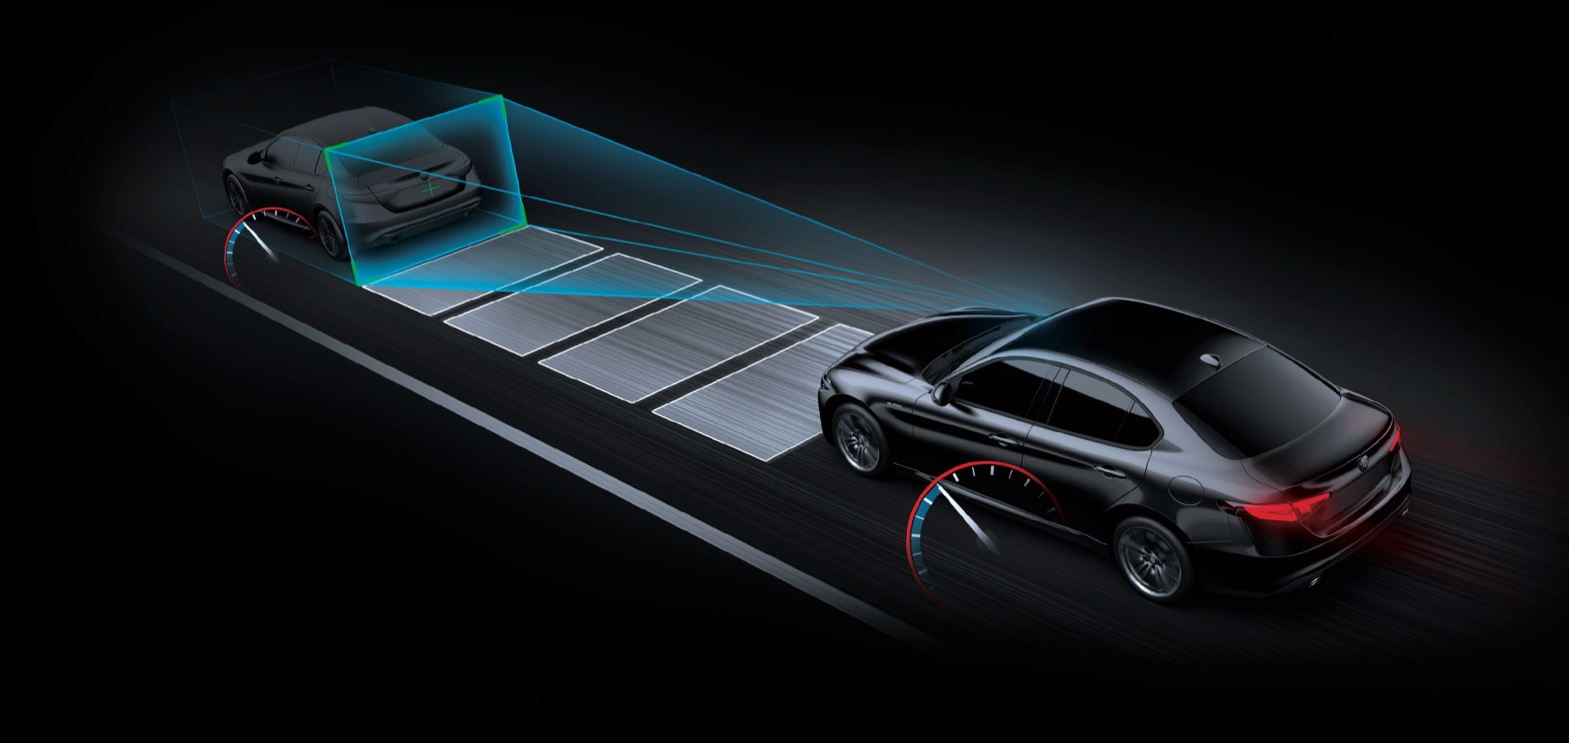 ElAlfa Romeo Giulia2021 ilustrado, con sensores que monitorean el área por delante, donde detectan un vehículo.